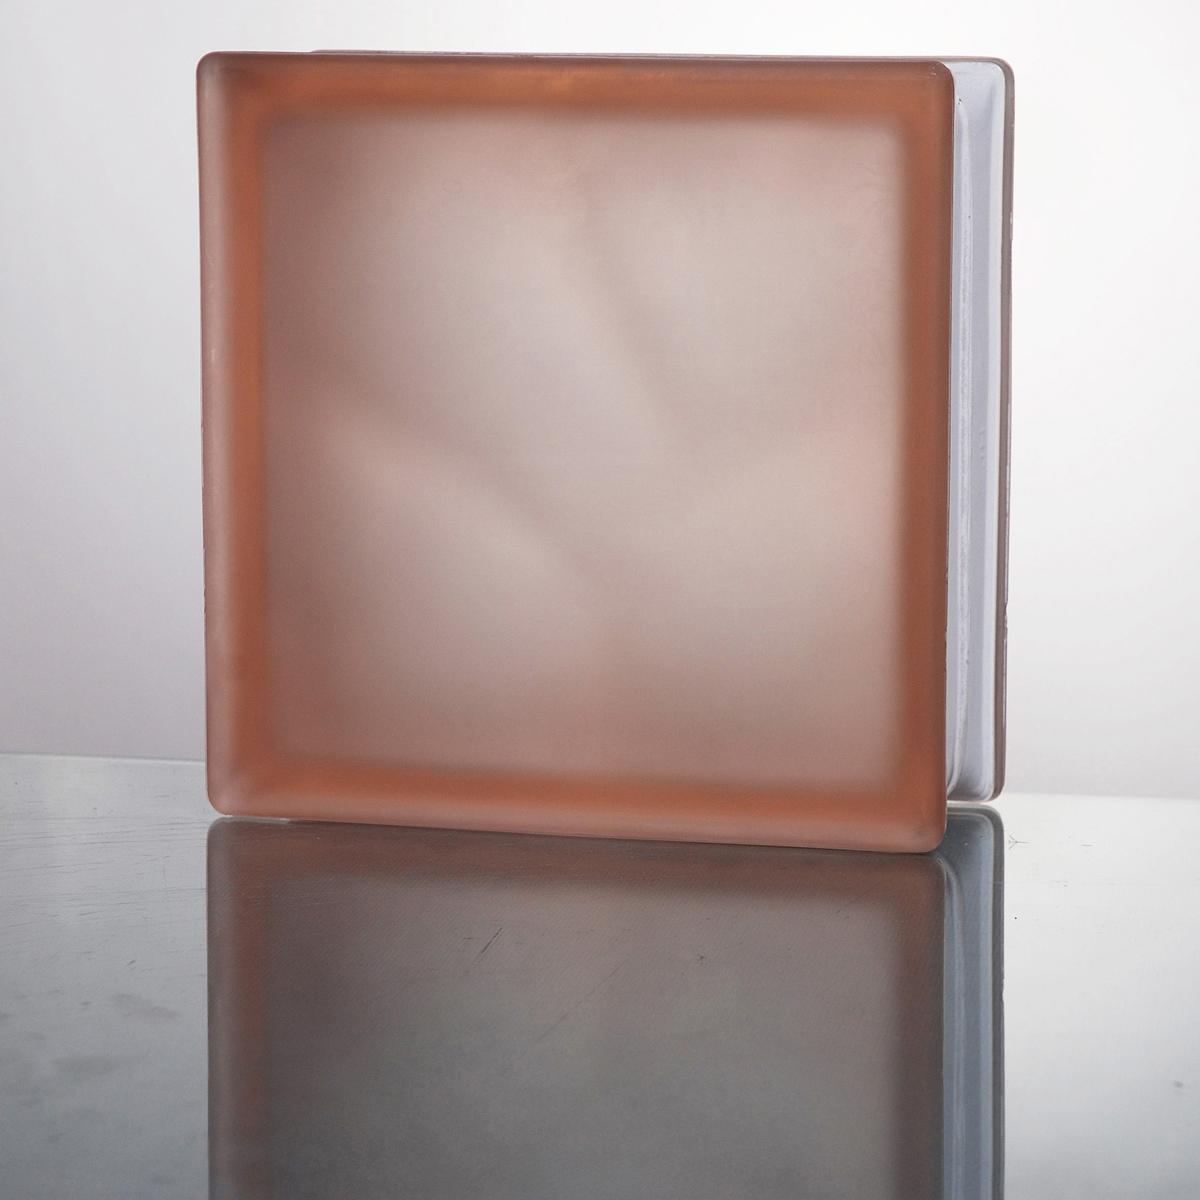 ガラスブロック 送料無料 6個セット 高品質 80mm厚 ミスティクラウディピンク